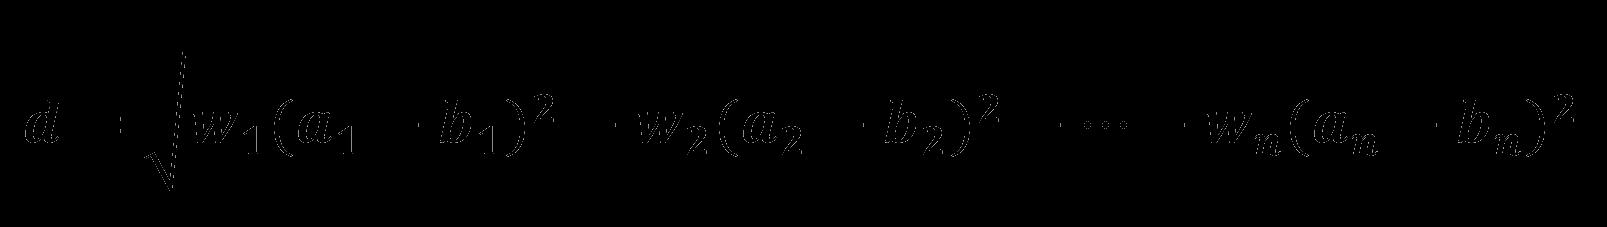 Расстояние в n-мерном евклидовом пространстве с весами